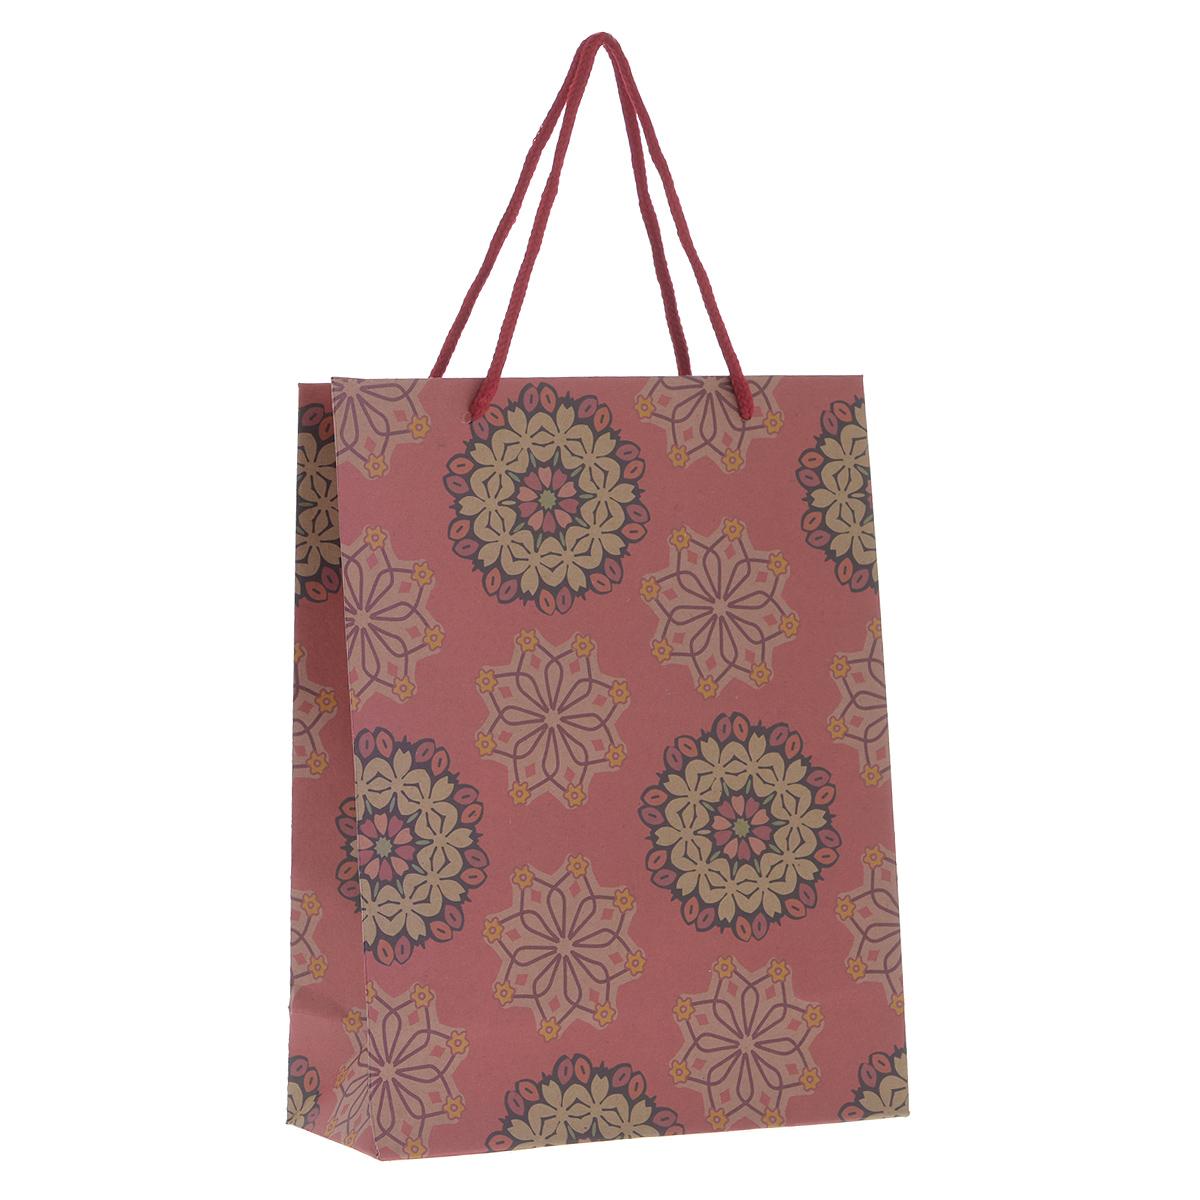 Пакет подарочный Розовые цветы, 19 см х 24,5 см х 8 см38876Подарочный пакет Розовые цветы, изготовленный из плотной бумаги, станет незаменимым дополнением к выбранному подарку. Дно изделия укреплено плотным картоном, который позволяет сохранить форму пакета и исключает возможность деформации дна под тяжестью подарка. Для удобной переноски на пакете имеются две ручки из шнурков. Подарок, преподнесенный в оригинальной упаковке, всегда будет самым эффектным и запоминающимся. Окружите близких людей вниманием и заботой, вручив презент в нарядном, праздничном оформлении.